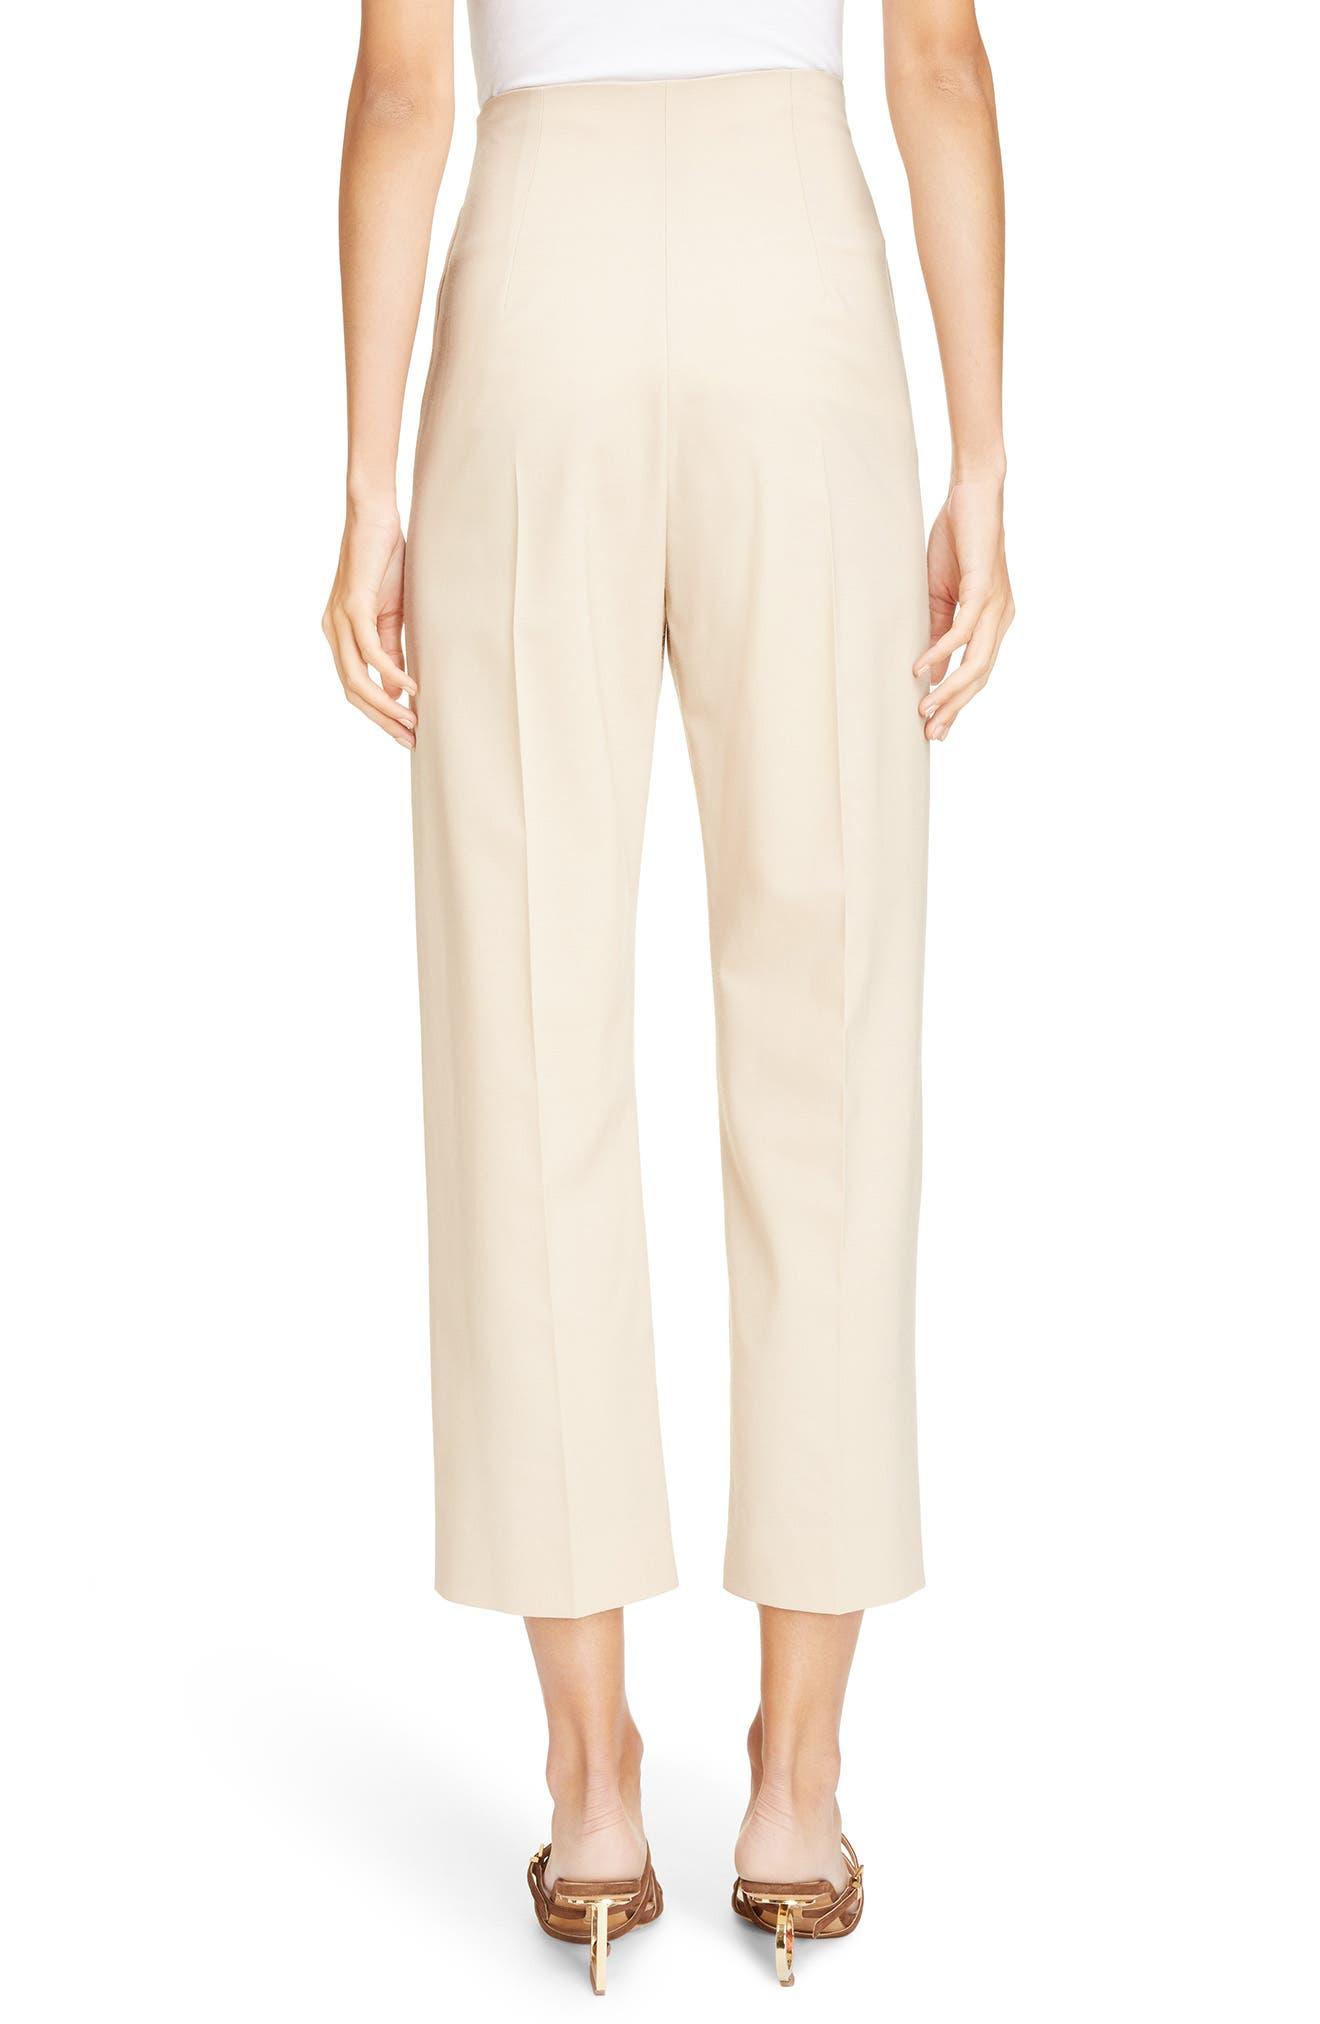 Le Pantalon Droit High Waist Crop Pants,                             Alternate thumbnail 2, color,                             250